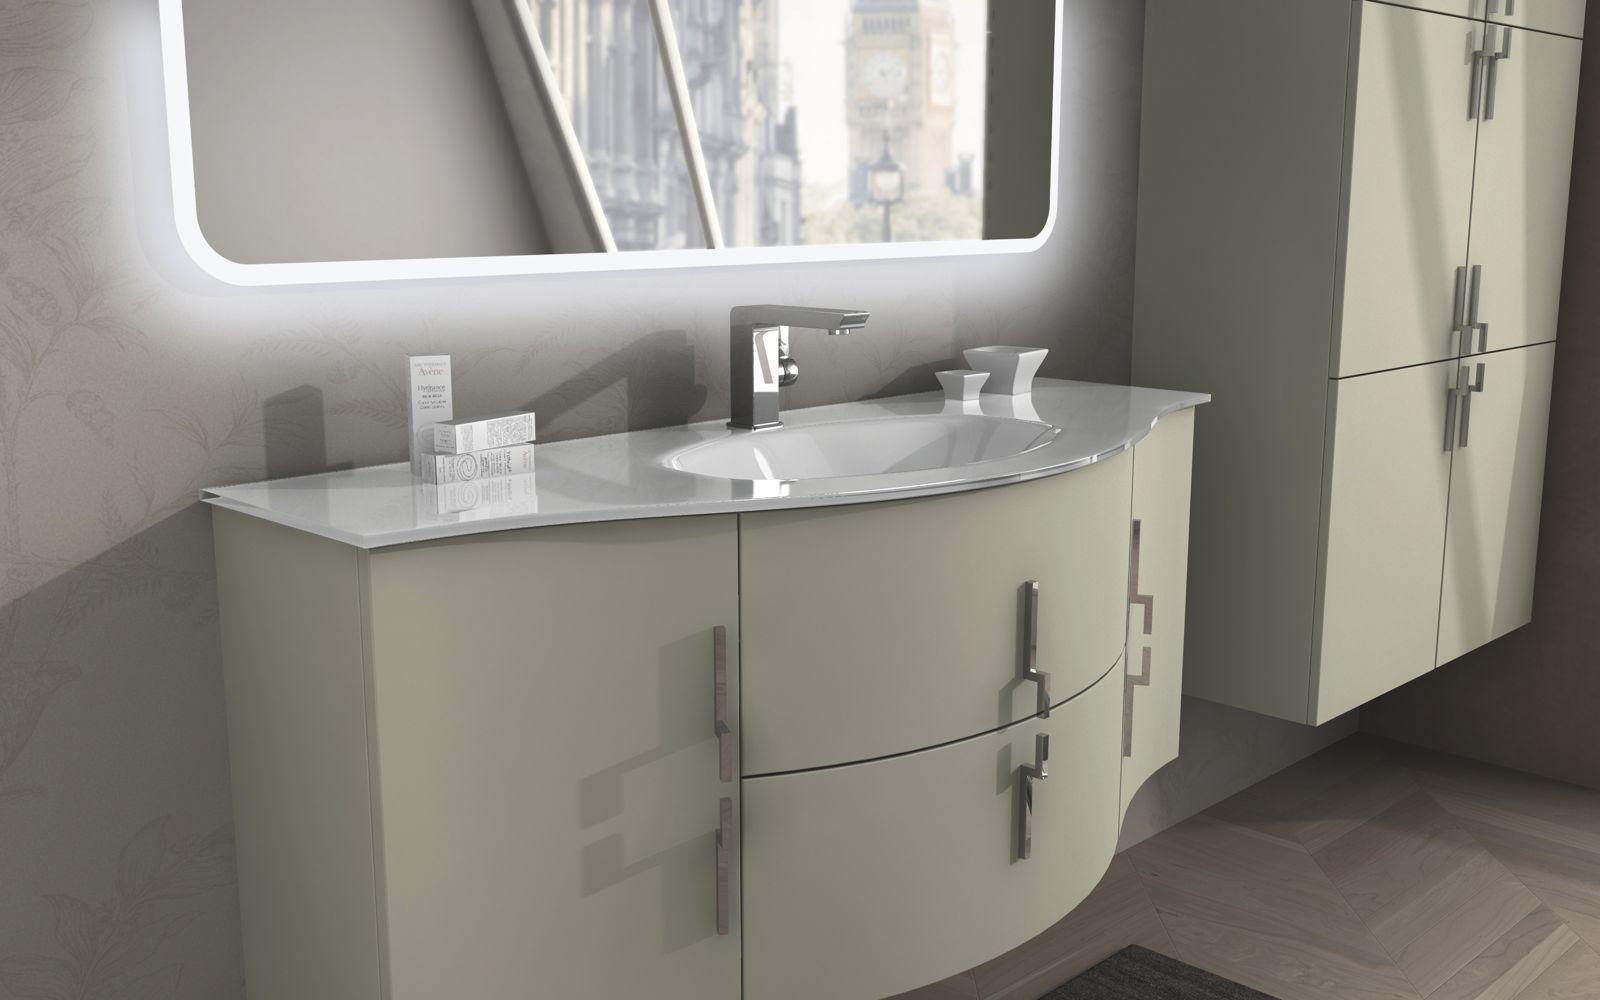 Arredo bagno sting 138 cm in 4 colorazioni mobile - Mobile bagno non sospeso ...